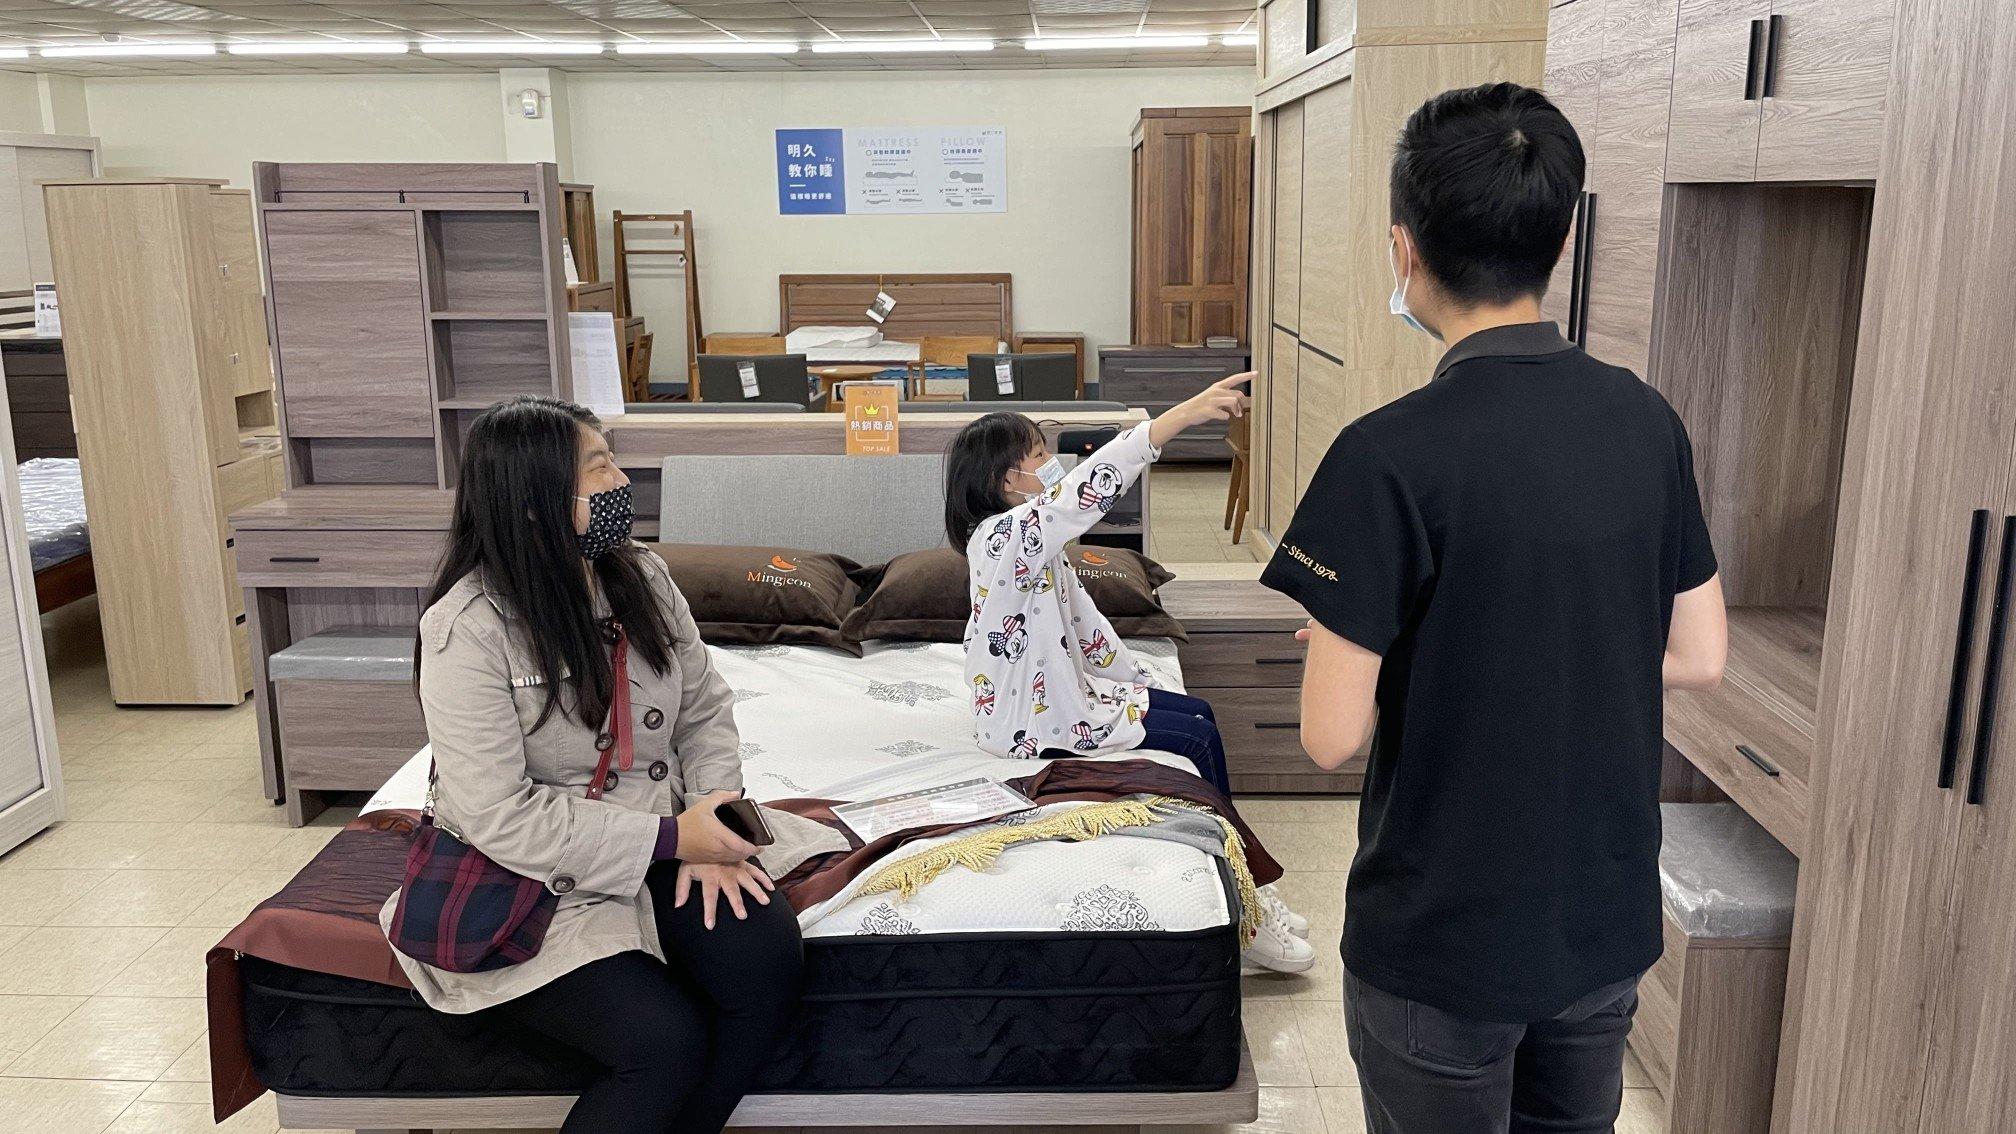 COCO與女兒白白一邊試躺,一邊與顧問詢問家具